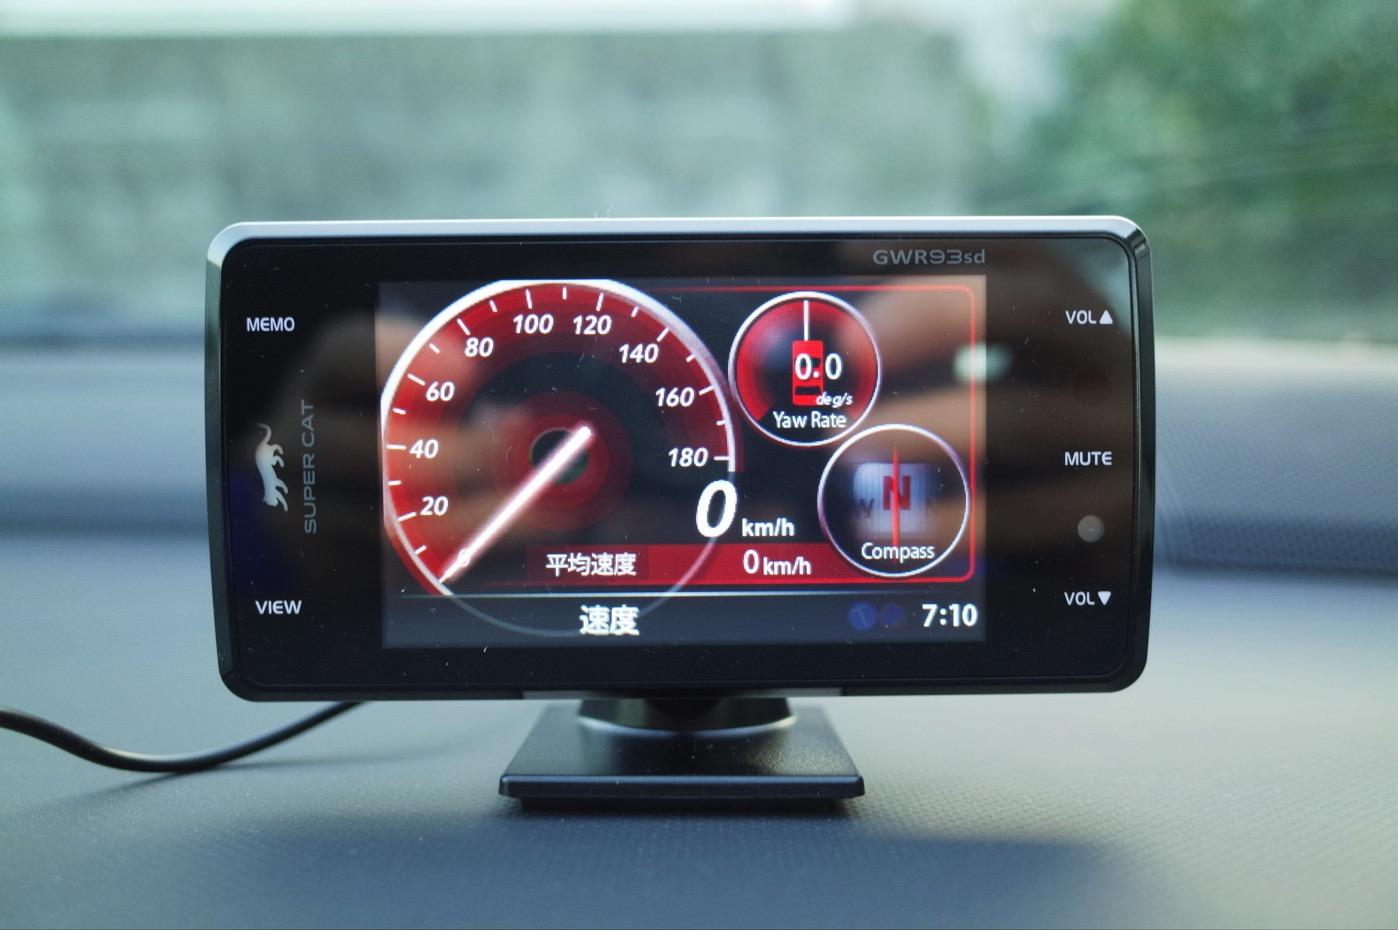 ユピテル レーダー探知機 スーパーキャット超高感度GPSアンテナ搭載 一体型 GWR93sd-15